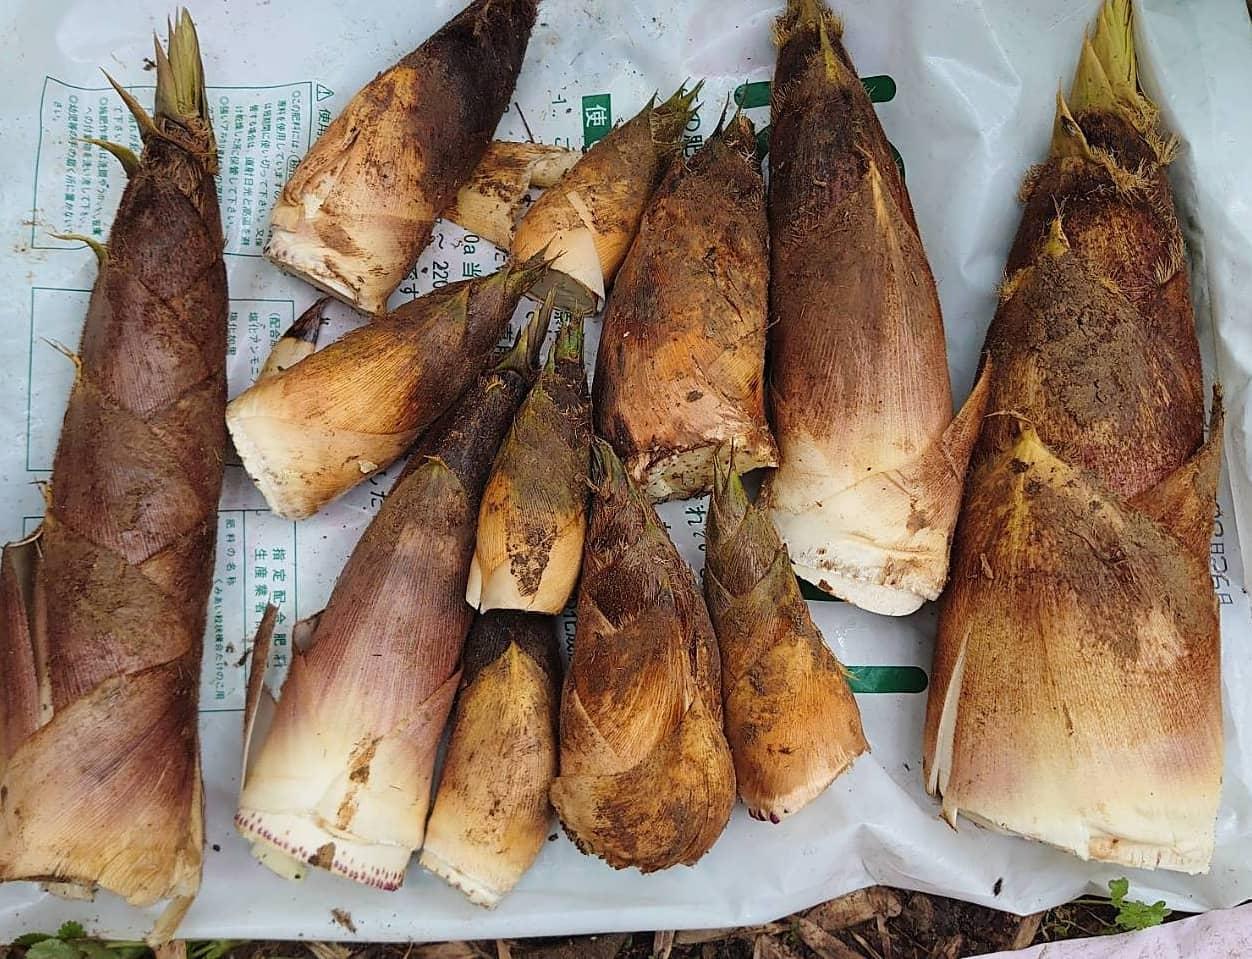 そろそろラストですね自家消費、ガブガブ食べます#たけのこ #タケノコ #自家消費 #たけのこ消費 #竹林 #里山 #阿波たけのこ農園 #筍姫 #徳島 #阿南